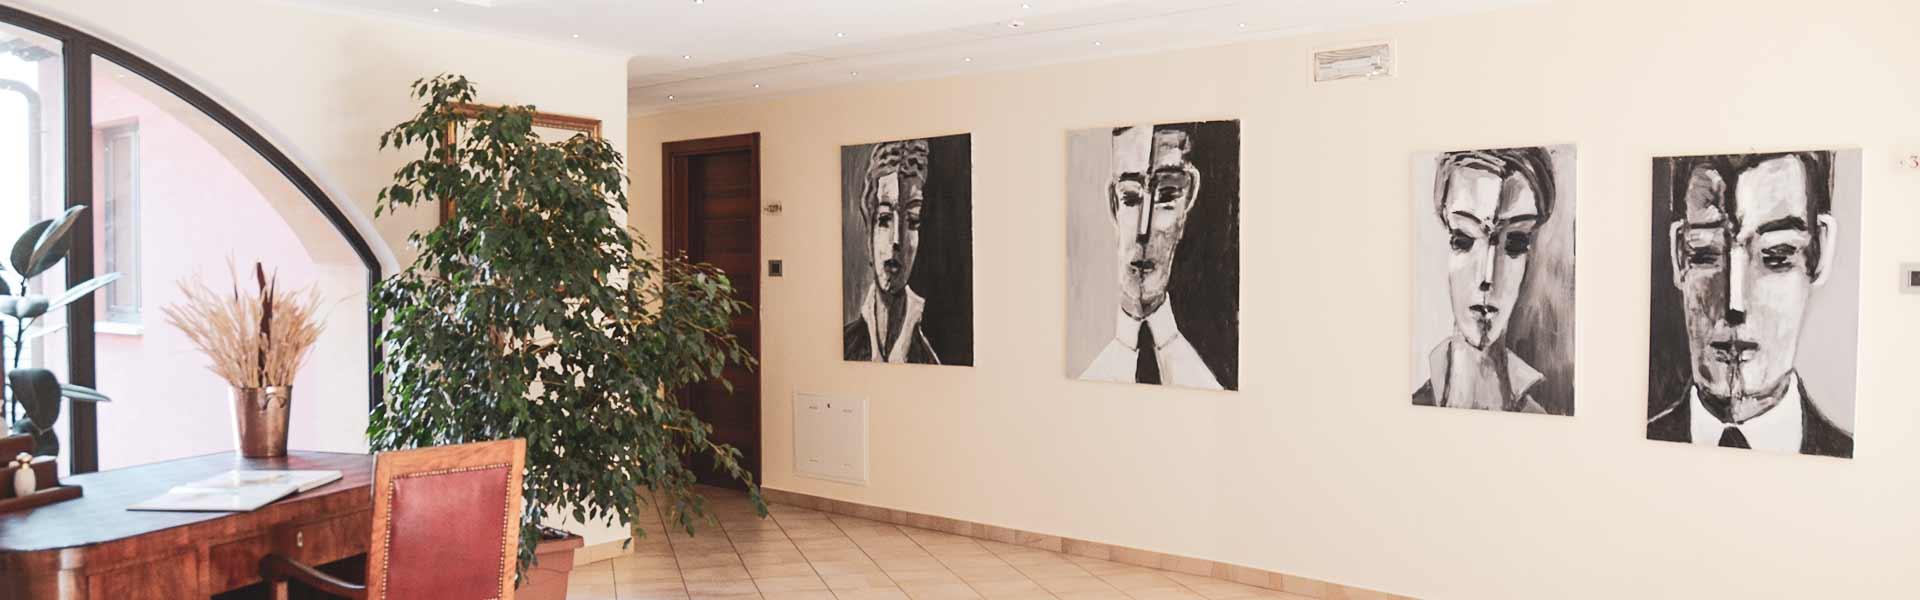 Neuigkeiten und Veranstaltungen Park Hotel Argento Resort SPA Levanto